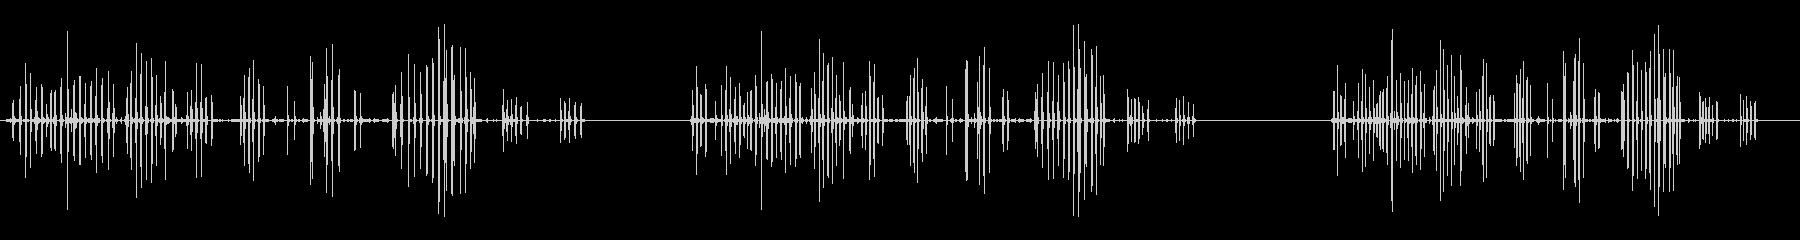 ラットチャープの未再生の波形